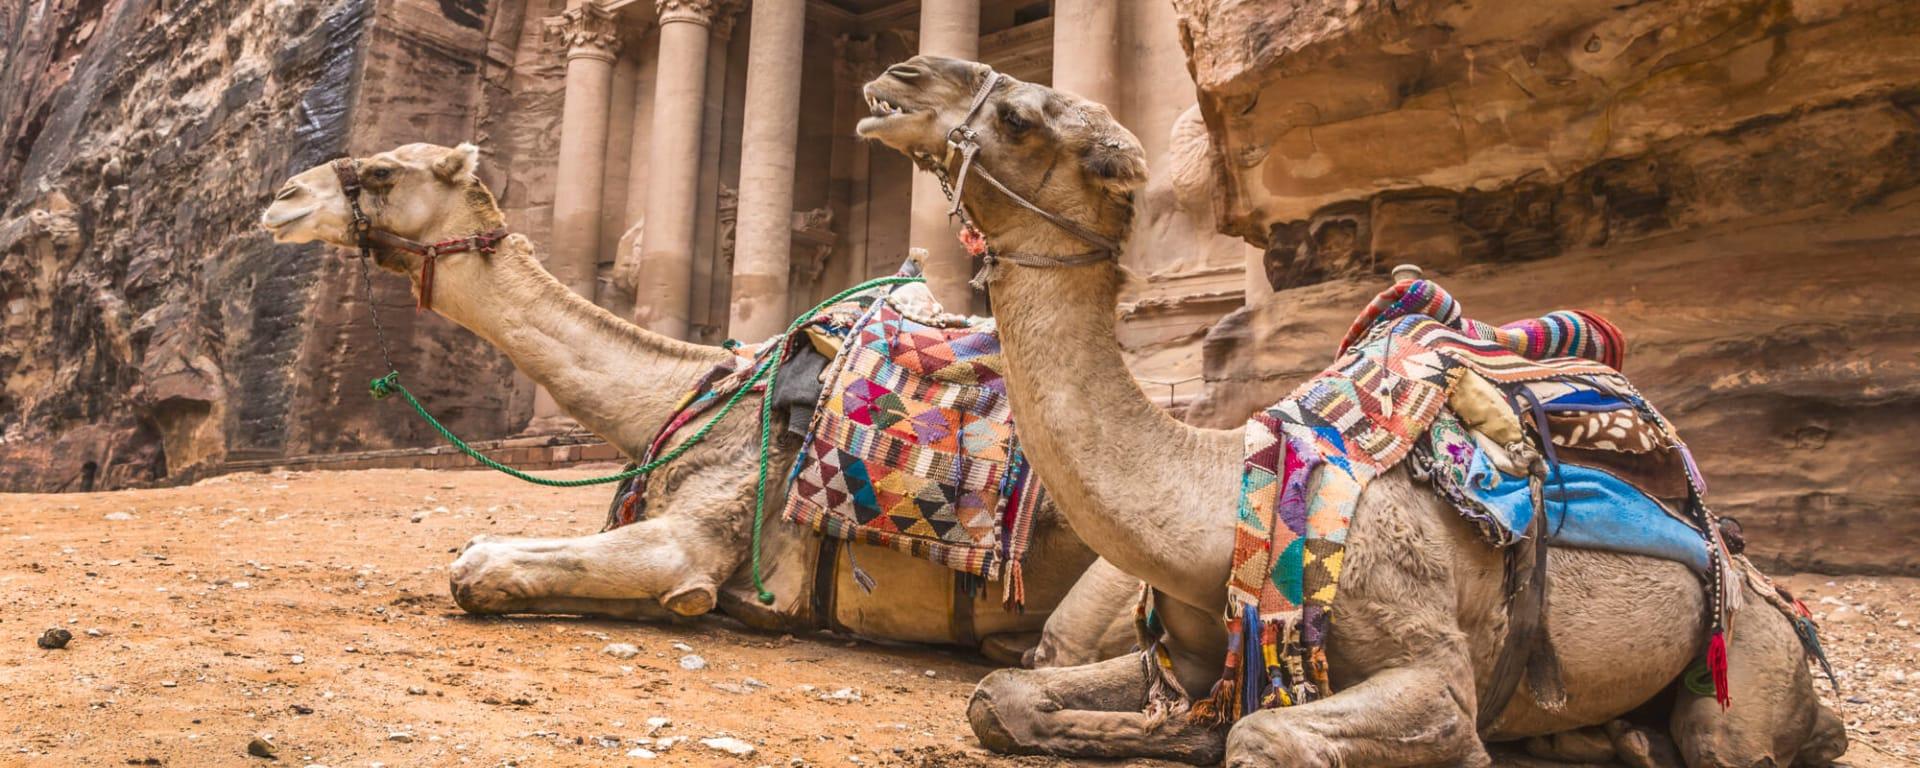 Jordanien entdecken mit Tischler Reisen: Jordanien Petra Kamele